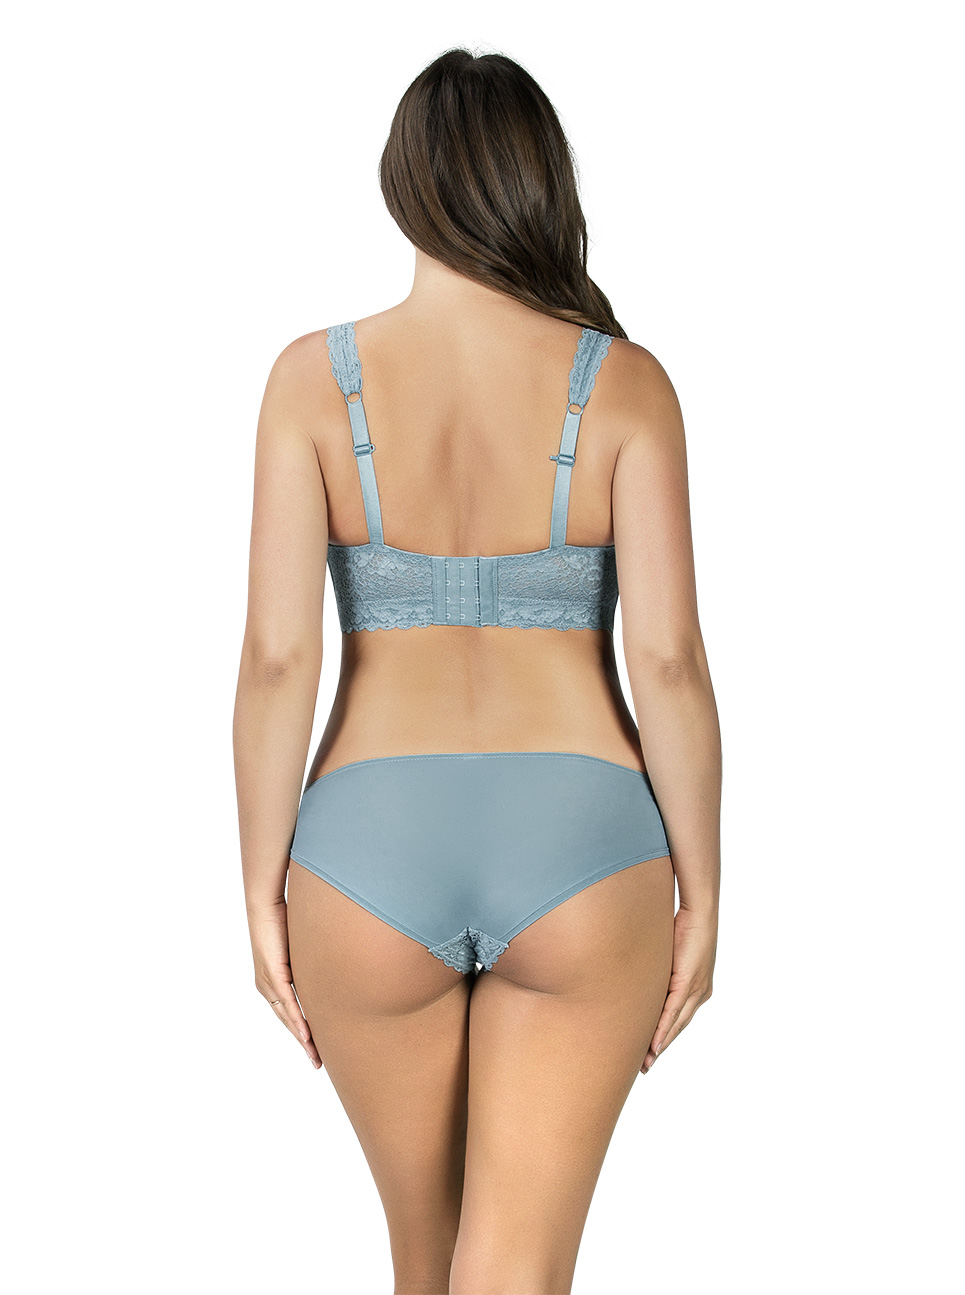 PARFAIT Adriana LaceBraletteP5482 BikiniP5483 StoneBlue Back - Adriana Lace Bralette Stone Blue P5482